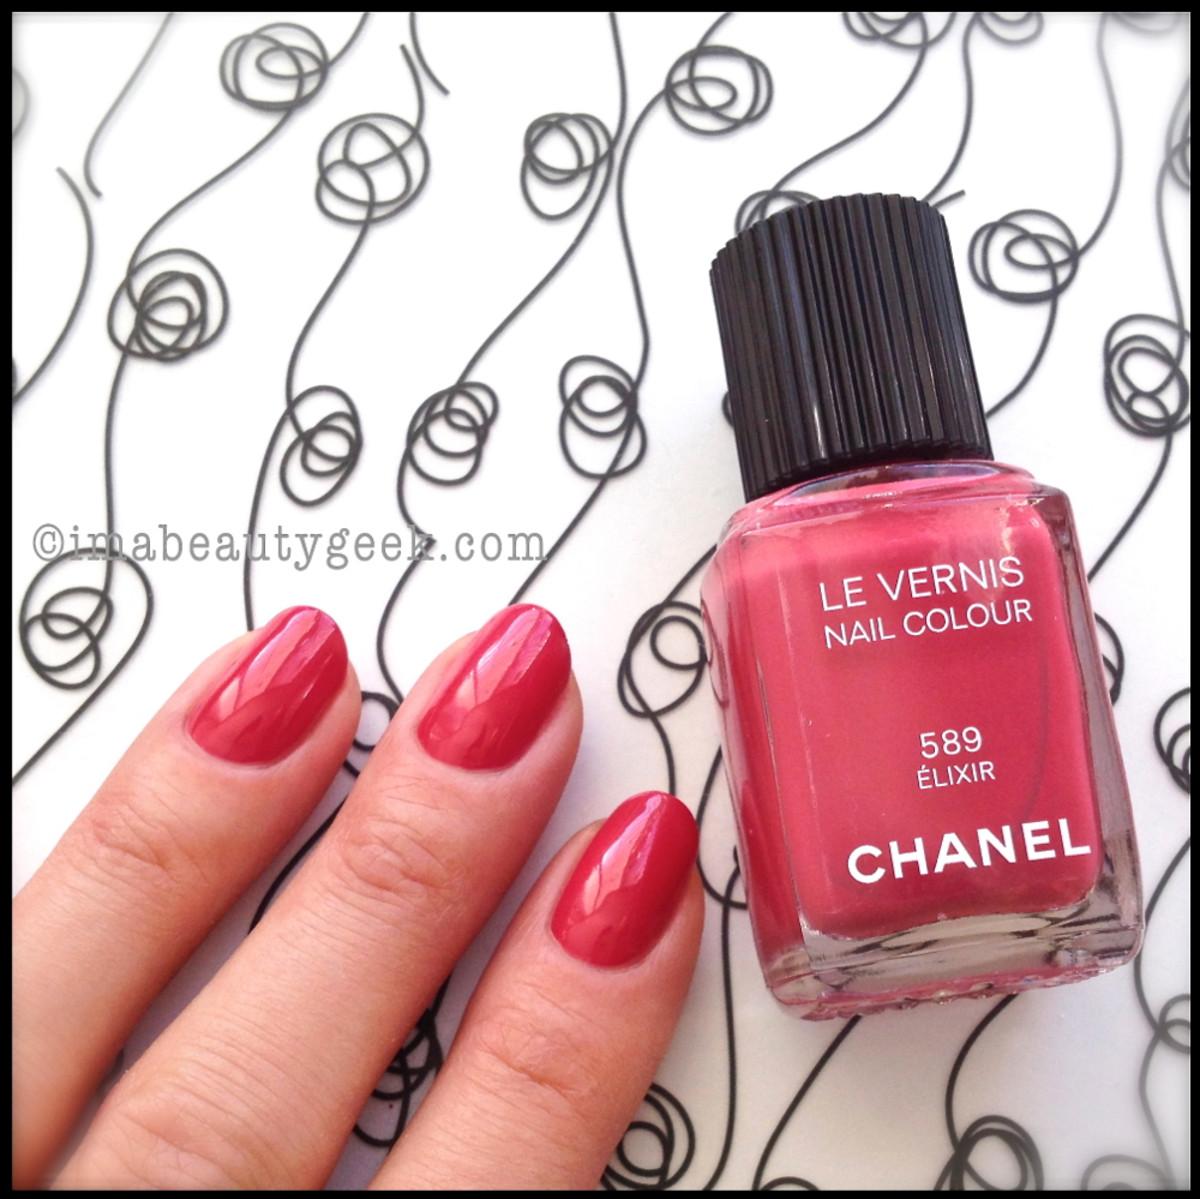 Chanel Elixir